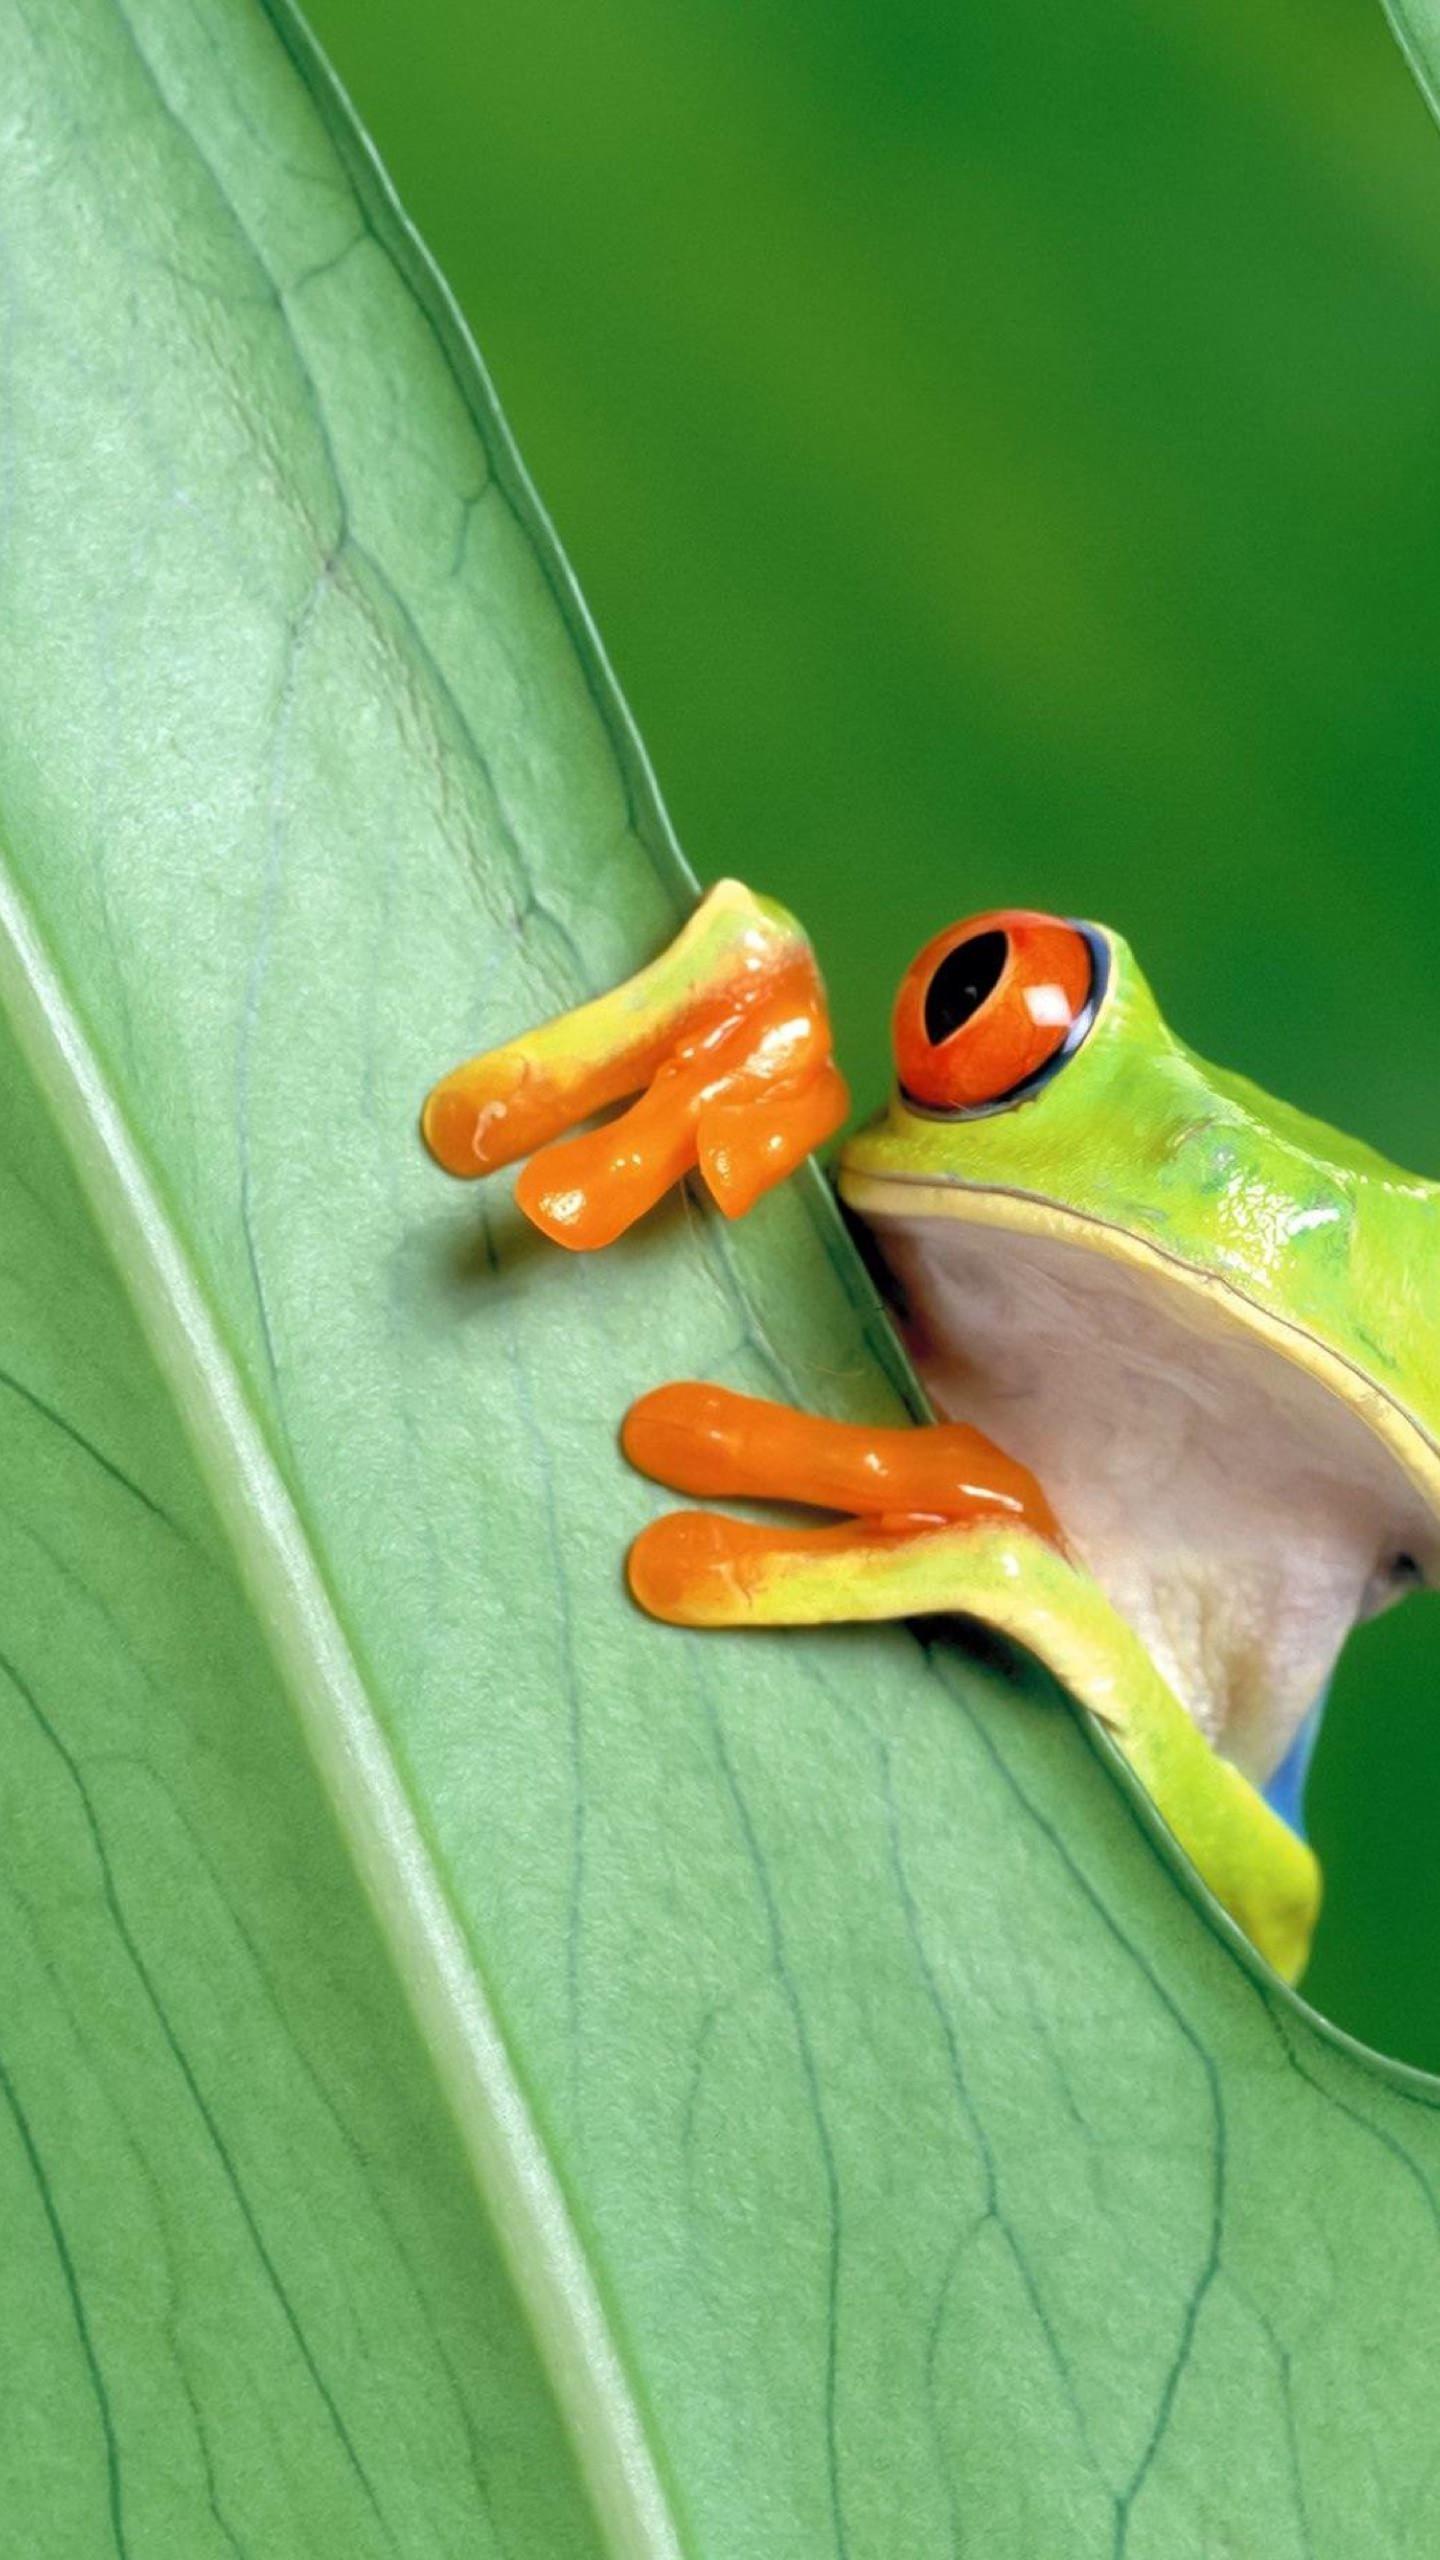 動物カエル緑 Wallpaper Sc スマホ壁紙